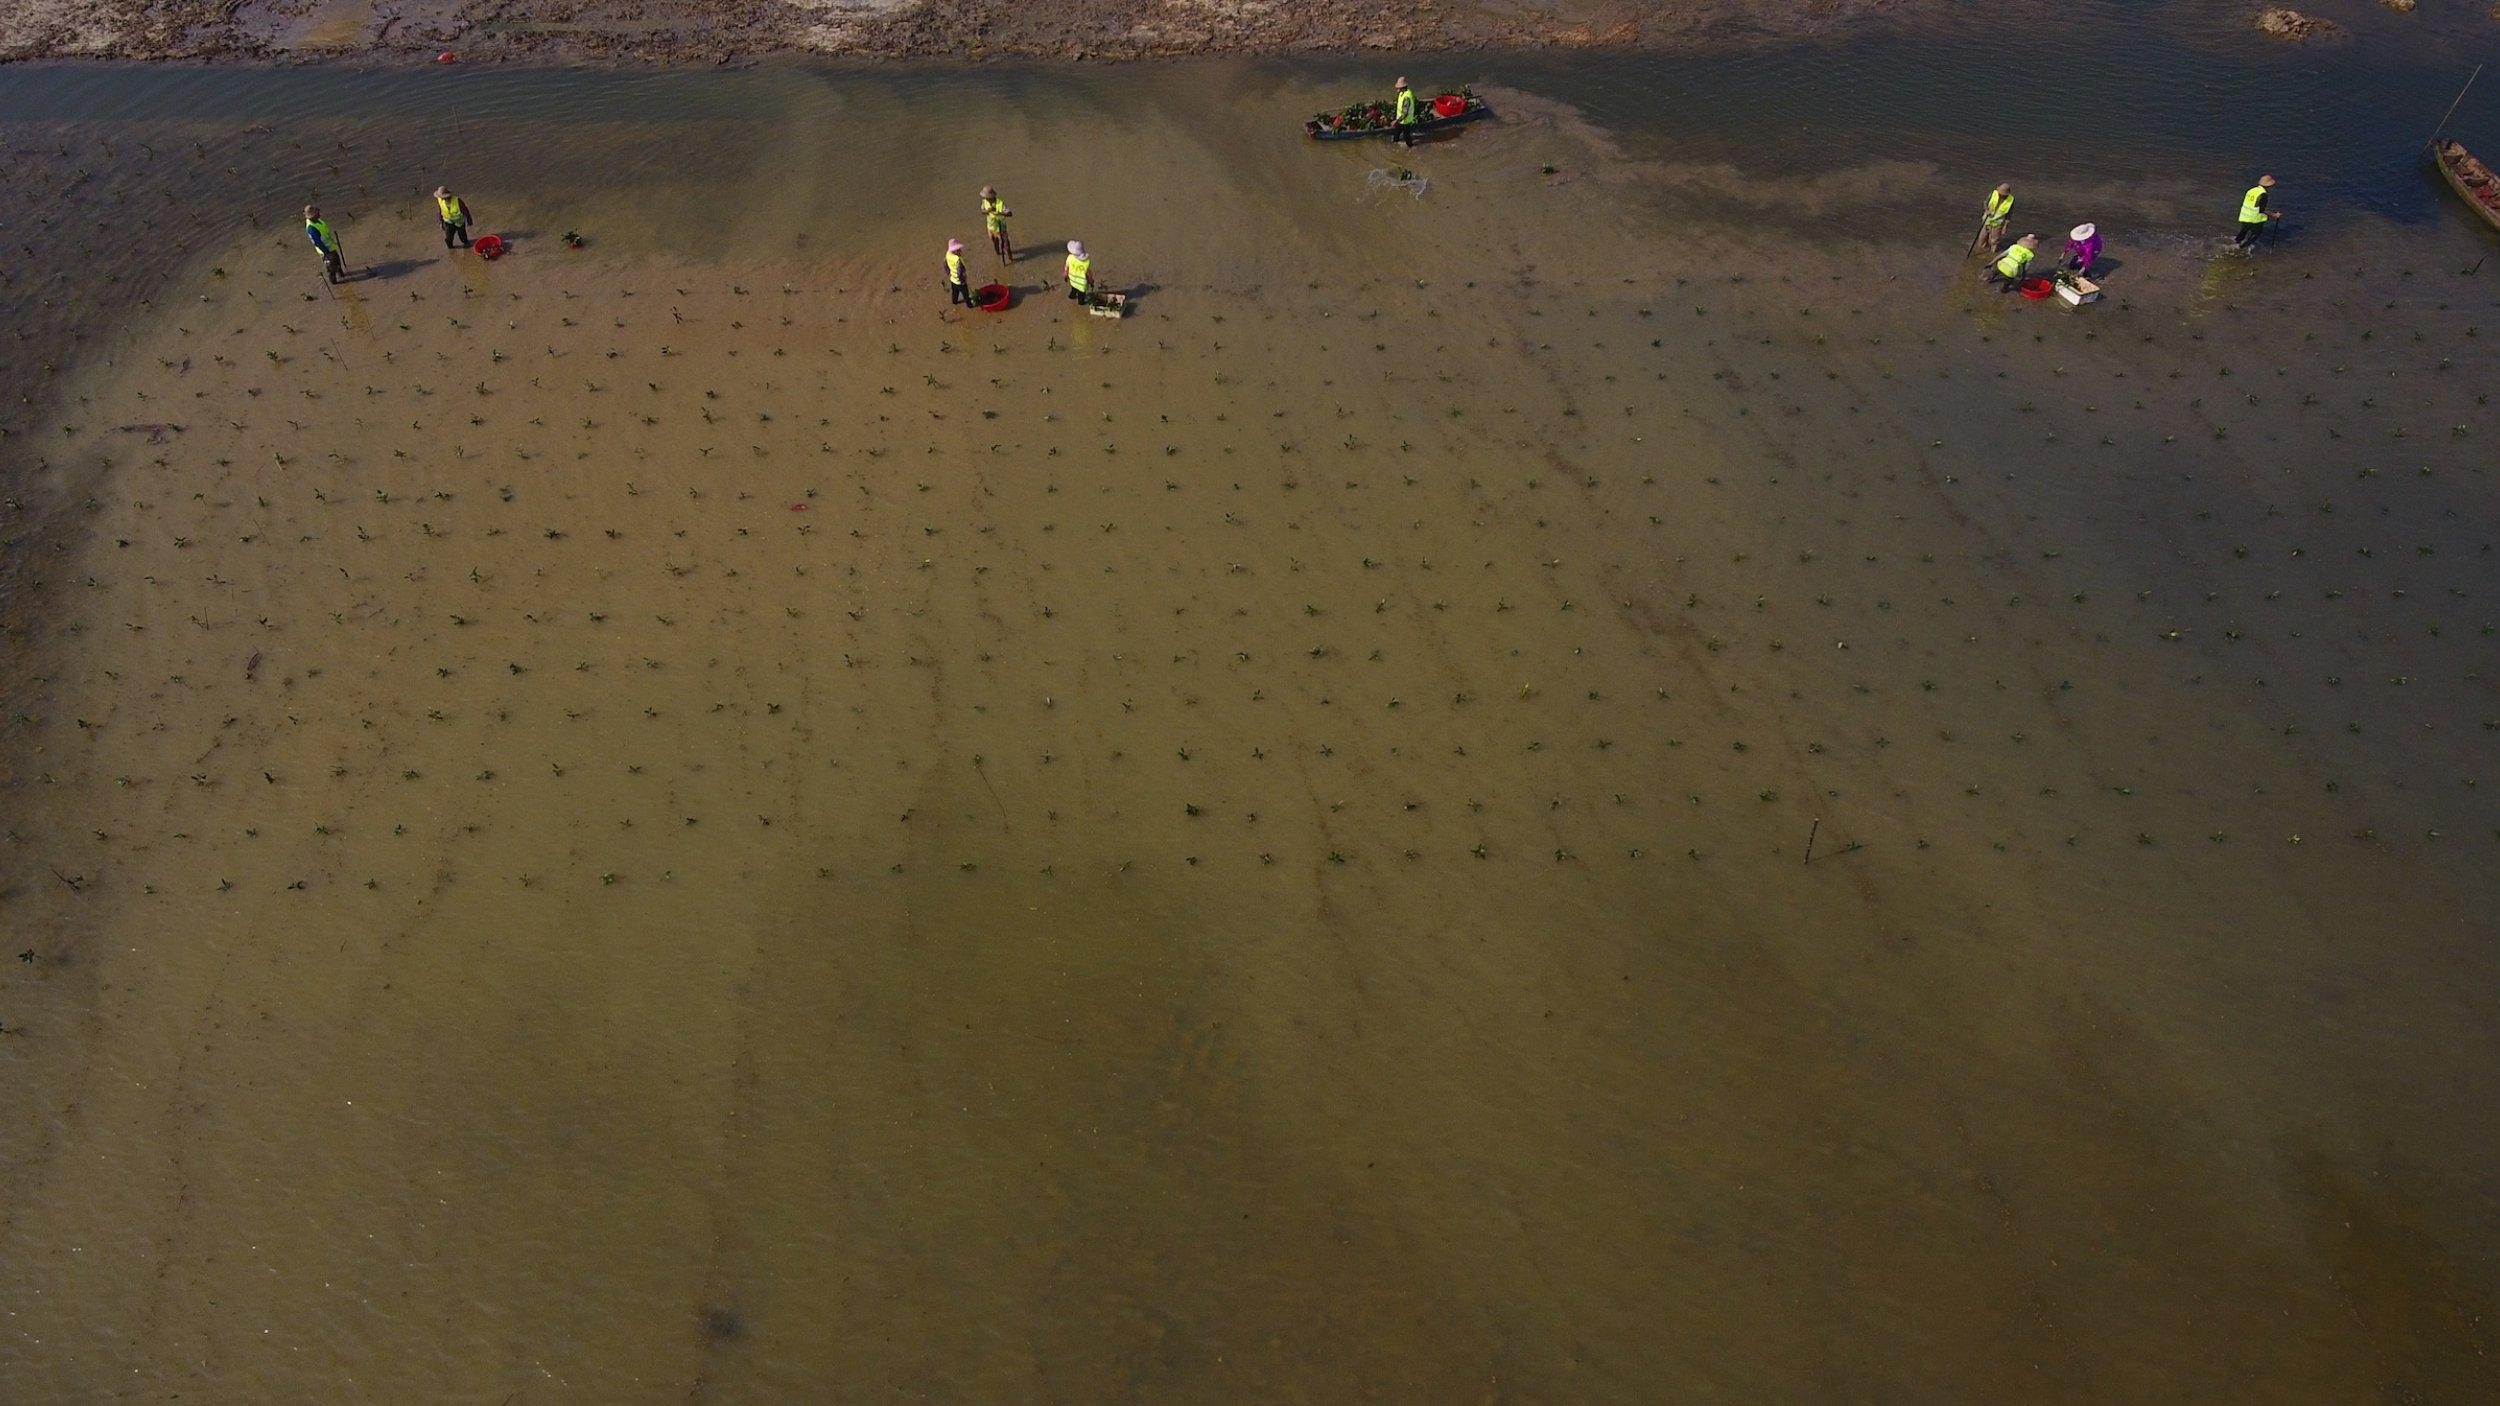 Luftbild von Arbeitern, die im flachen Wasser Mangroven einer Küsten anpflanzen.